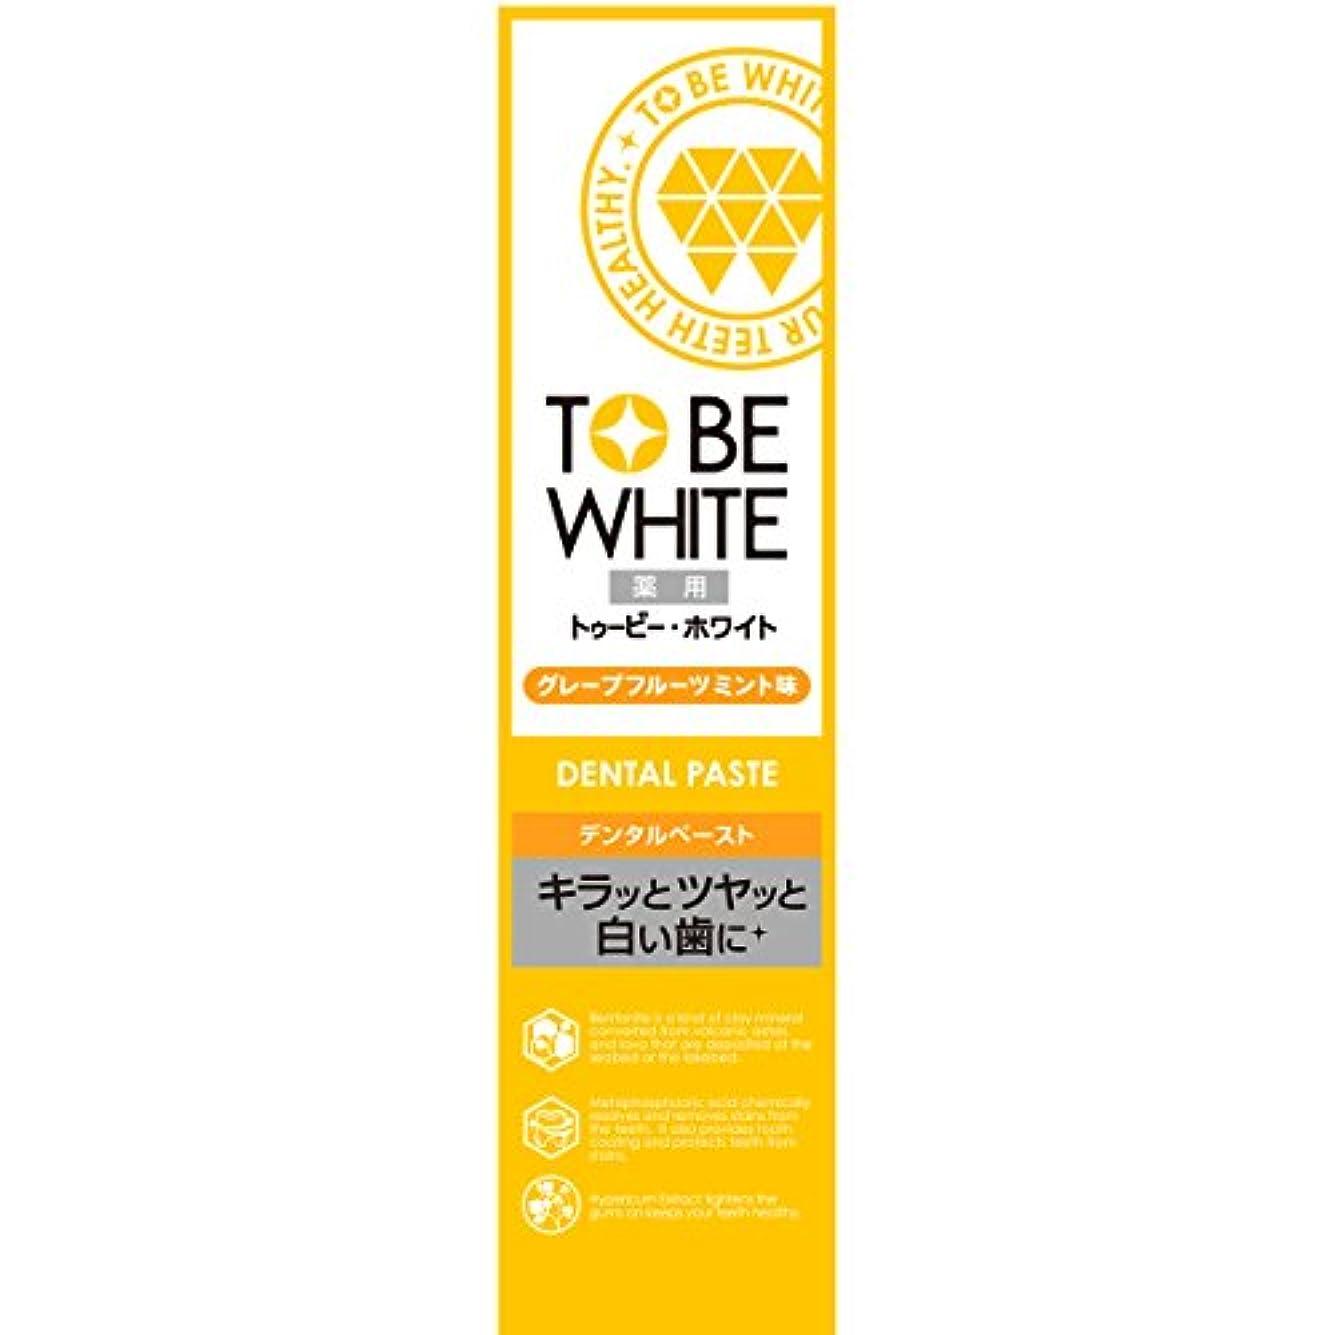 事実キャンパス花火トゥービー?ホワイト 薬用 ホワイトニング ハミガキ粉 グレープフルーツミント 味 60g 【医薬部外品】